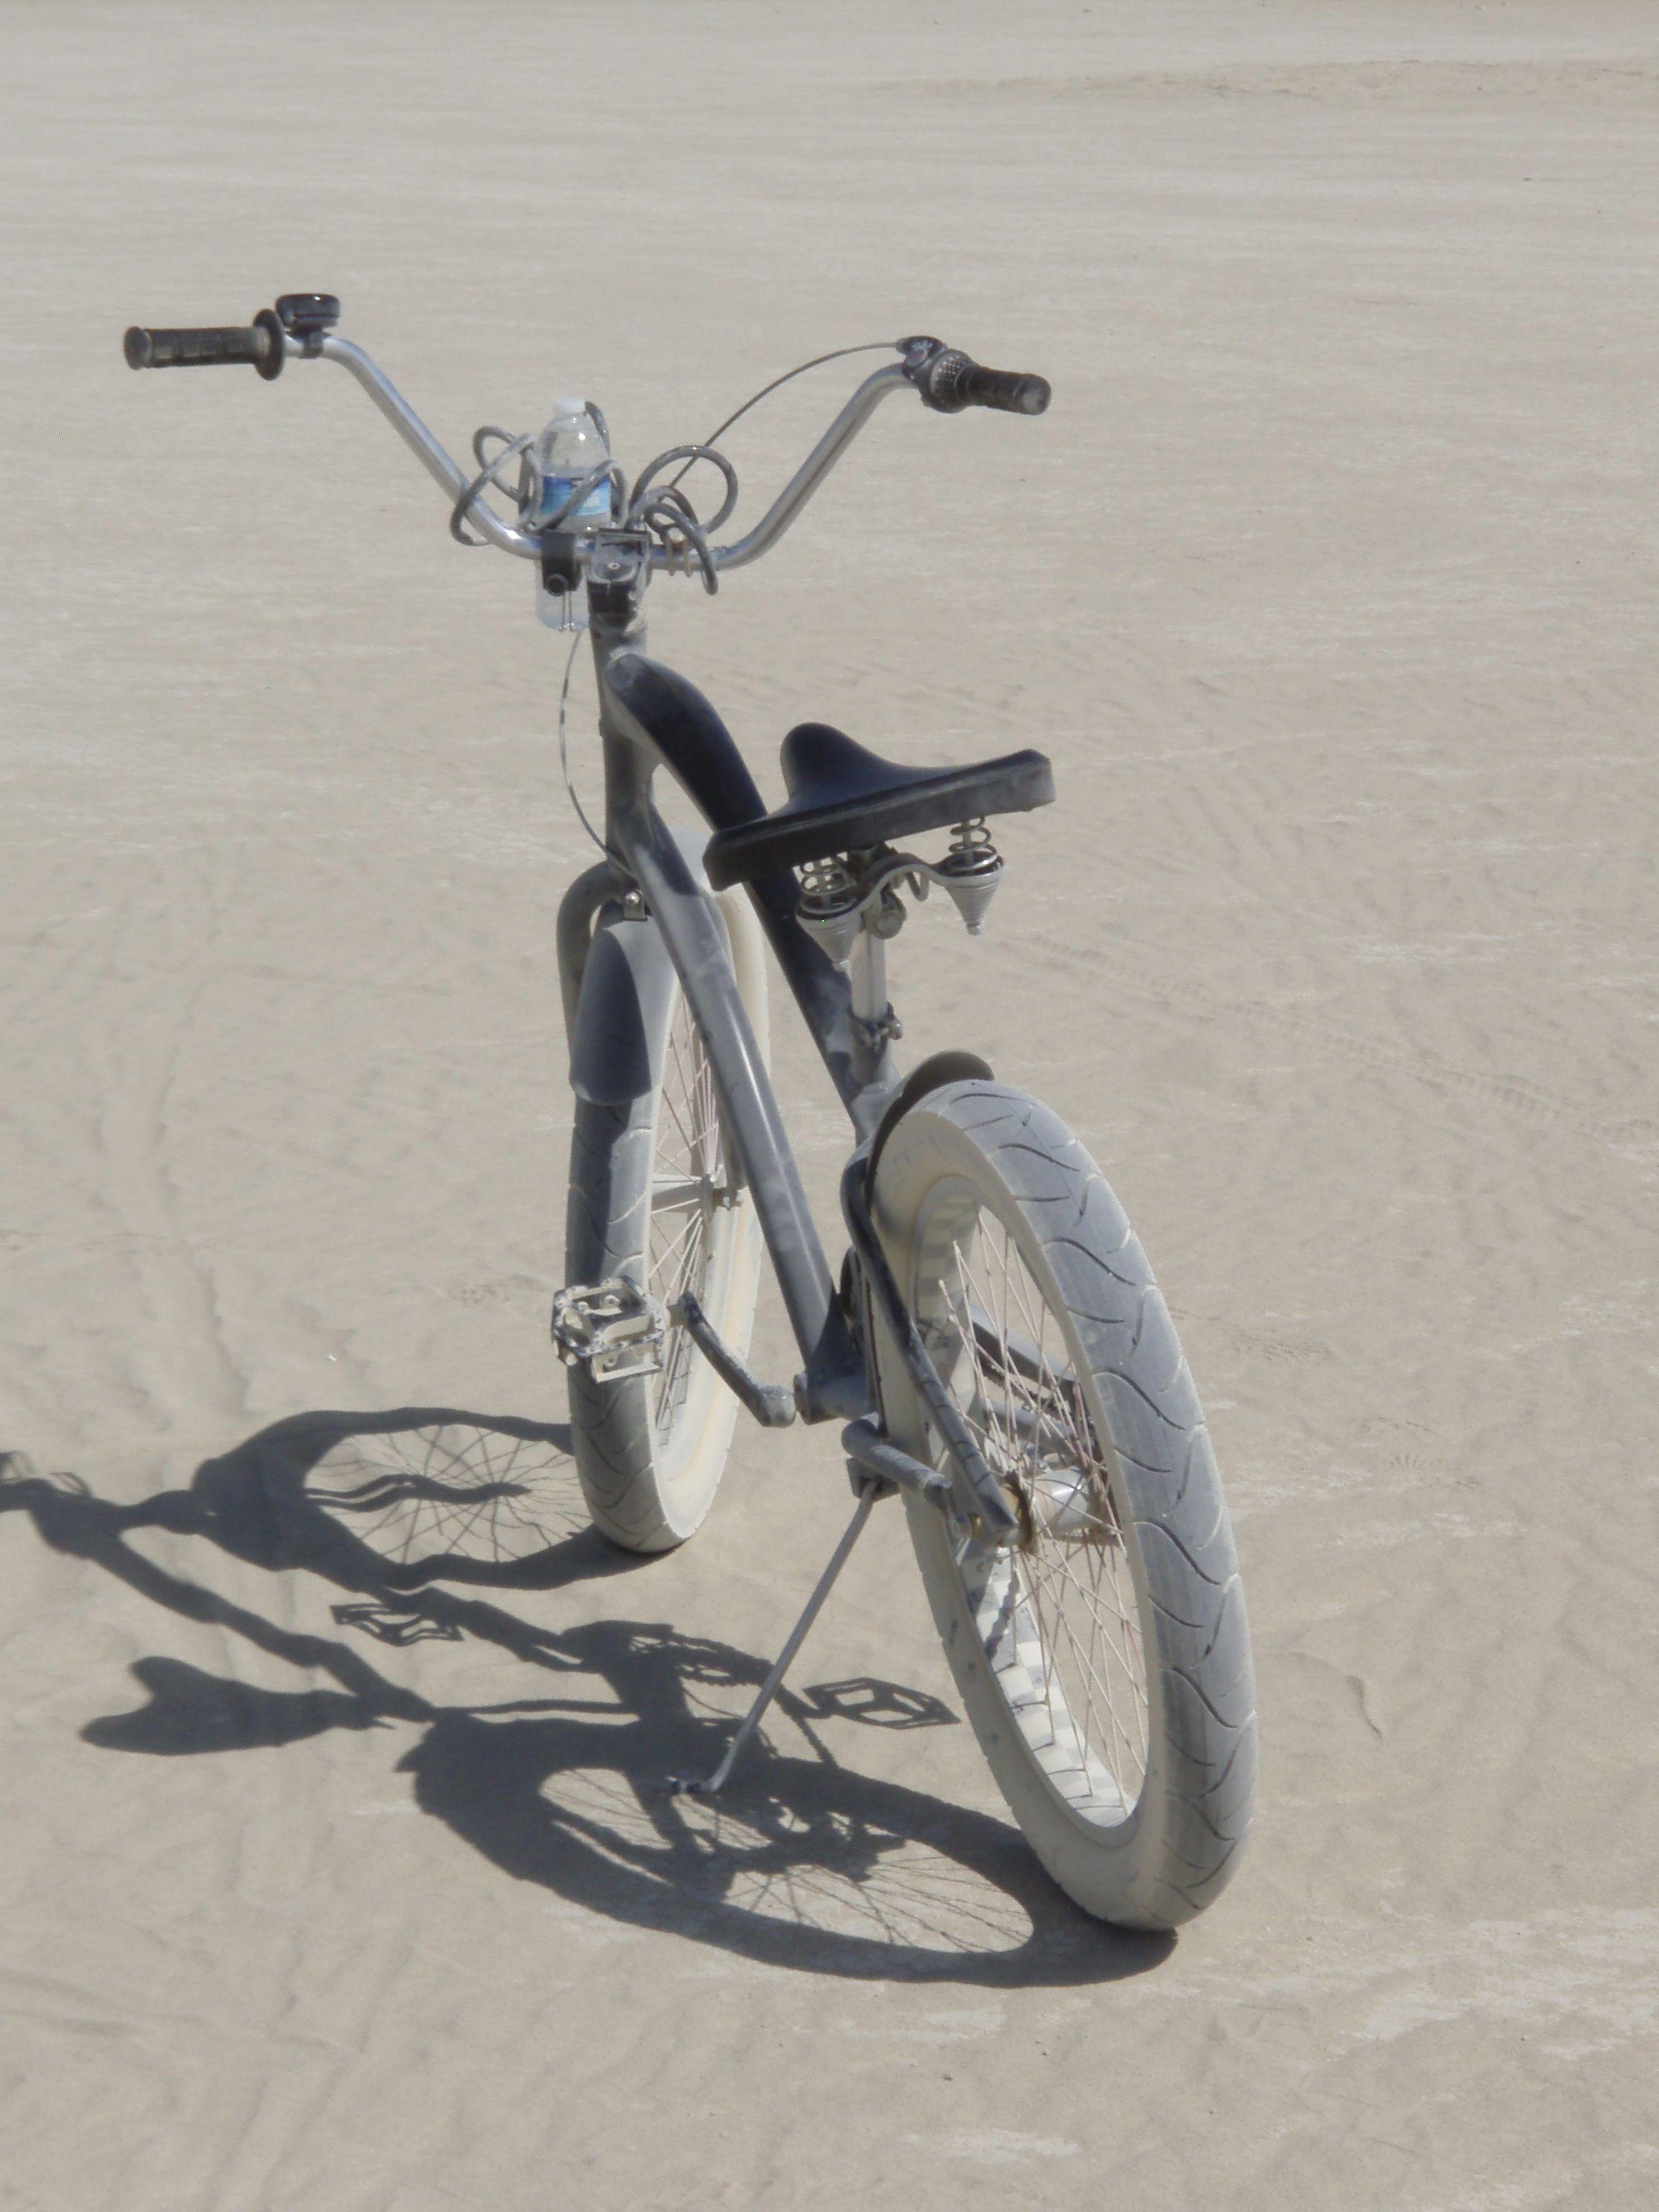 2012 Burning Man Dusty Bike Bike, Man, Burning man